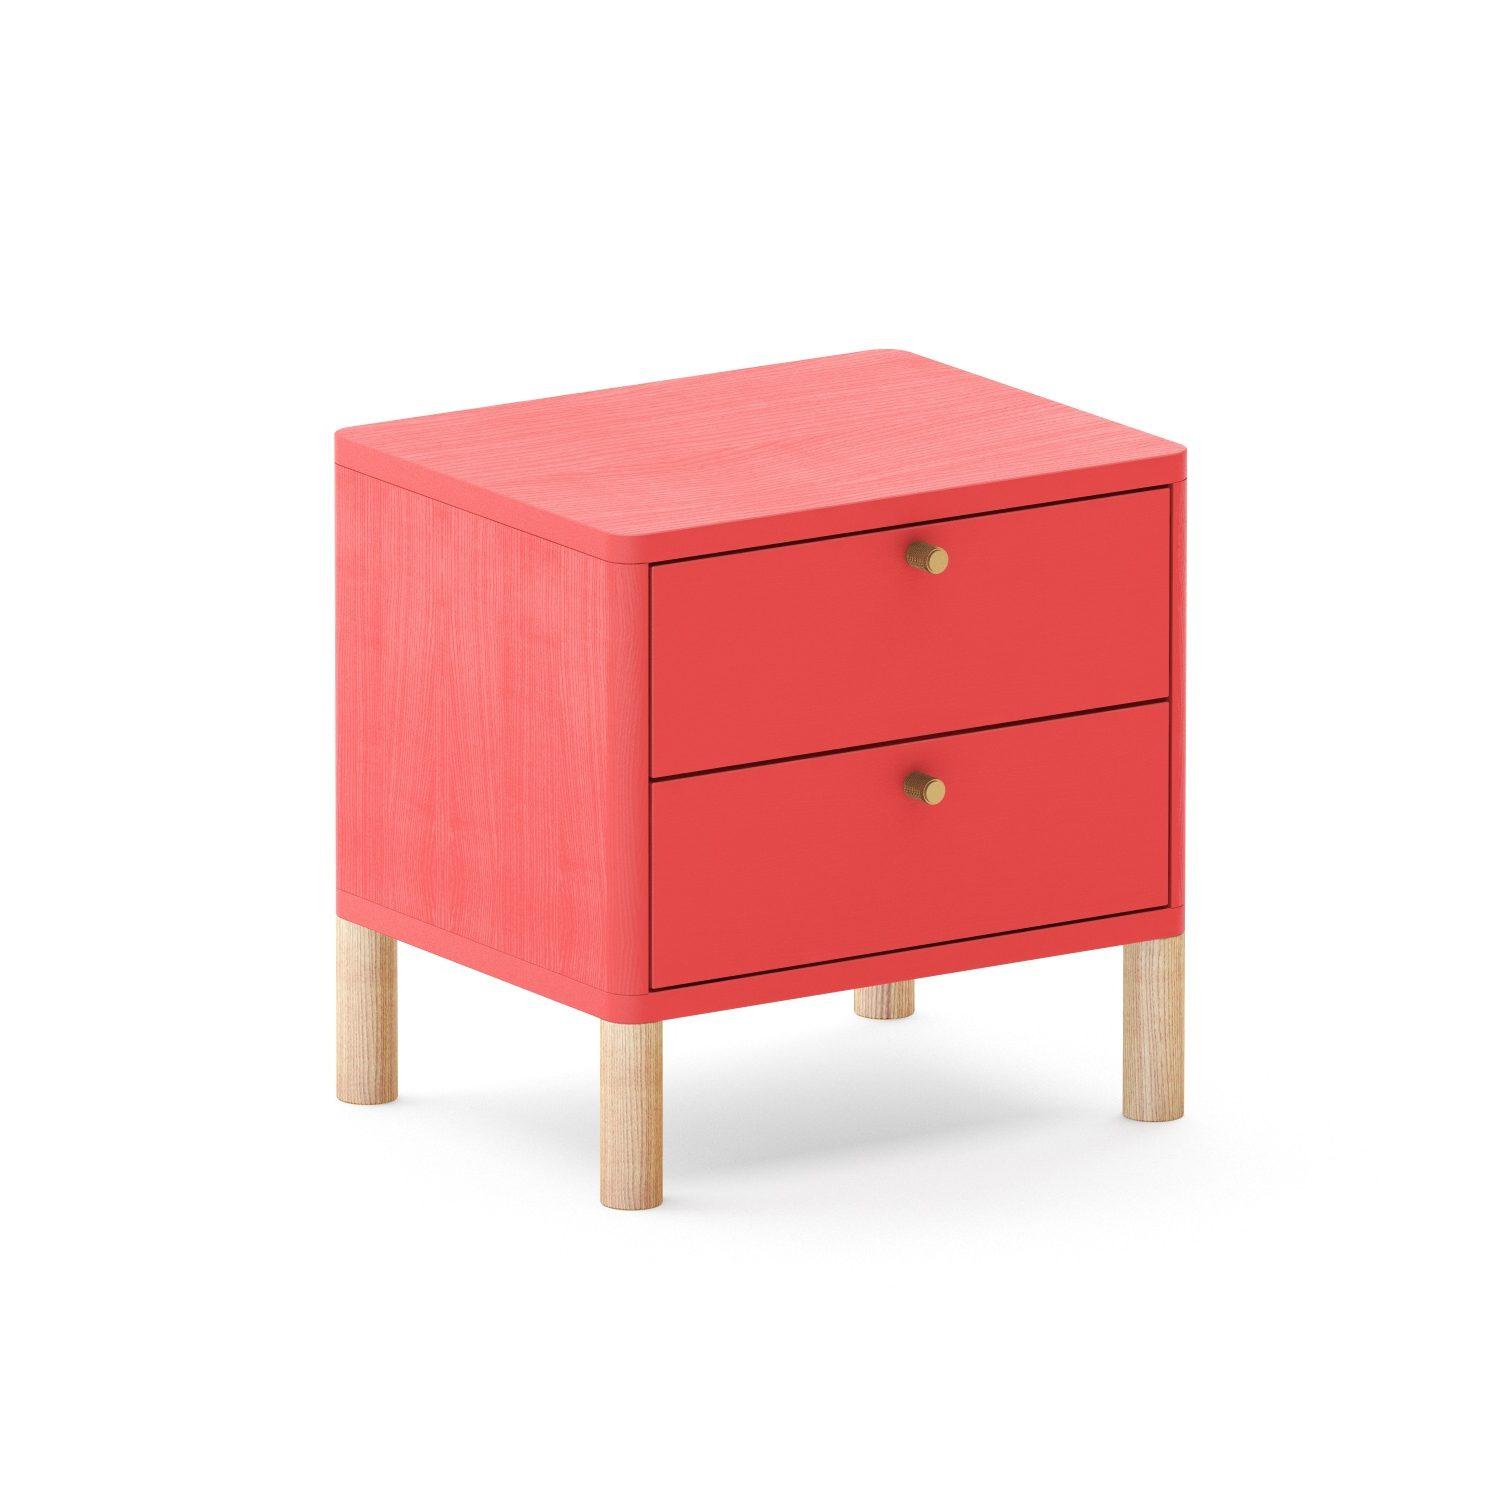 Прикроватная тумба HordurПрикроватные тумбы, комоды, столики<br>&amp;lt;div&amp;gt;Данная позиция доступна во множестве цветовых вариантов, а также с темными или светлыми ножками.&amp;lt;/div&amp;gt;&amp;lt;div&amp;gt;&amp;lt;br&amp;gt;&amp;lt;/div&amp;gt;&amp;lt;div&amp;gt;Материал: корпус: крашеный МДФ, ножки: массив ясеня.&amp;amp;nbsp;&amp;lt;/div&amp;gt;&amp;lt;div&amp;gt;Возможен заказ изделия с отделкой текстурой дерева, стоимость уточняйте у менеджера.&amp;lt;/div&amp;gt;<br><br>Material: МДФ<br>Width см: 55<br>Depth см: 40<br>Height см: 50